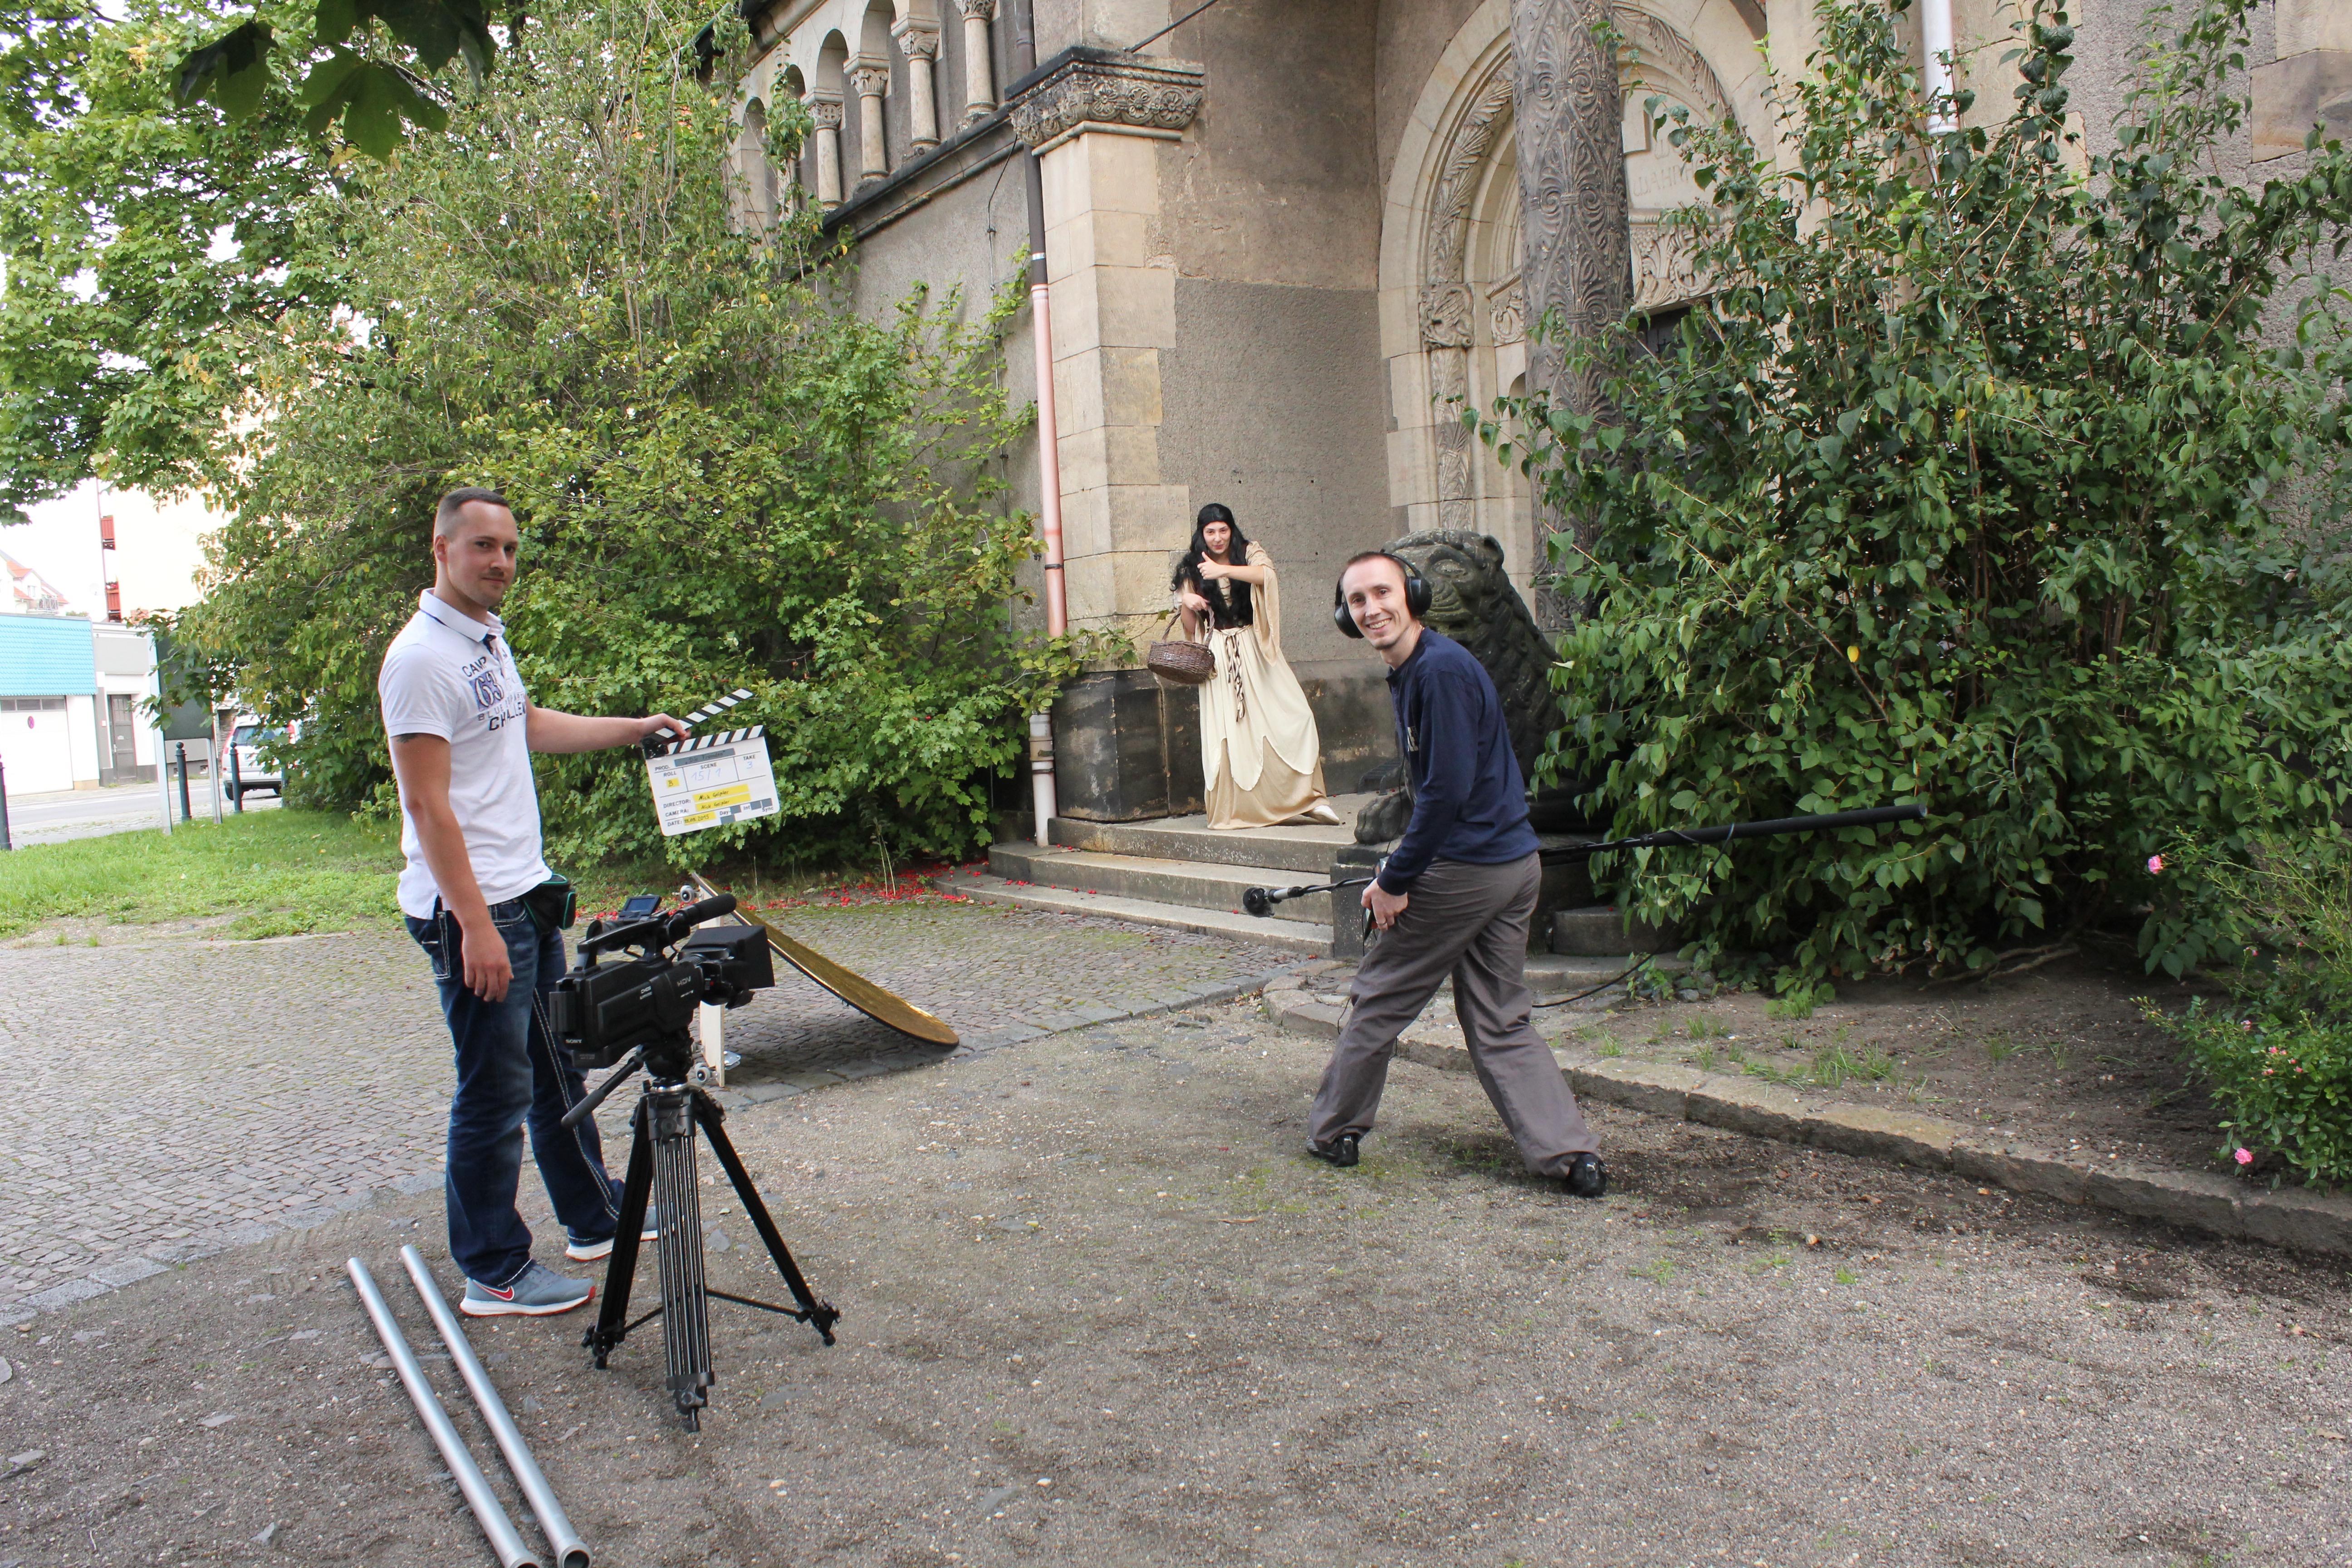 Filmdreh einer Mittelalter-Szene